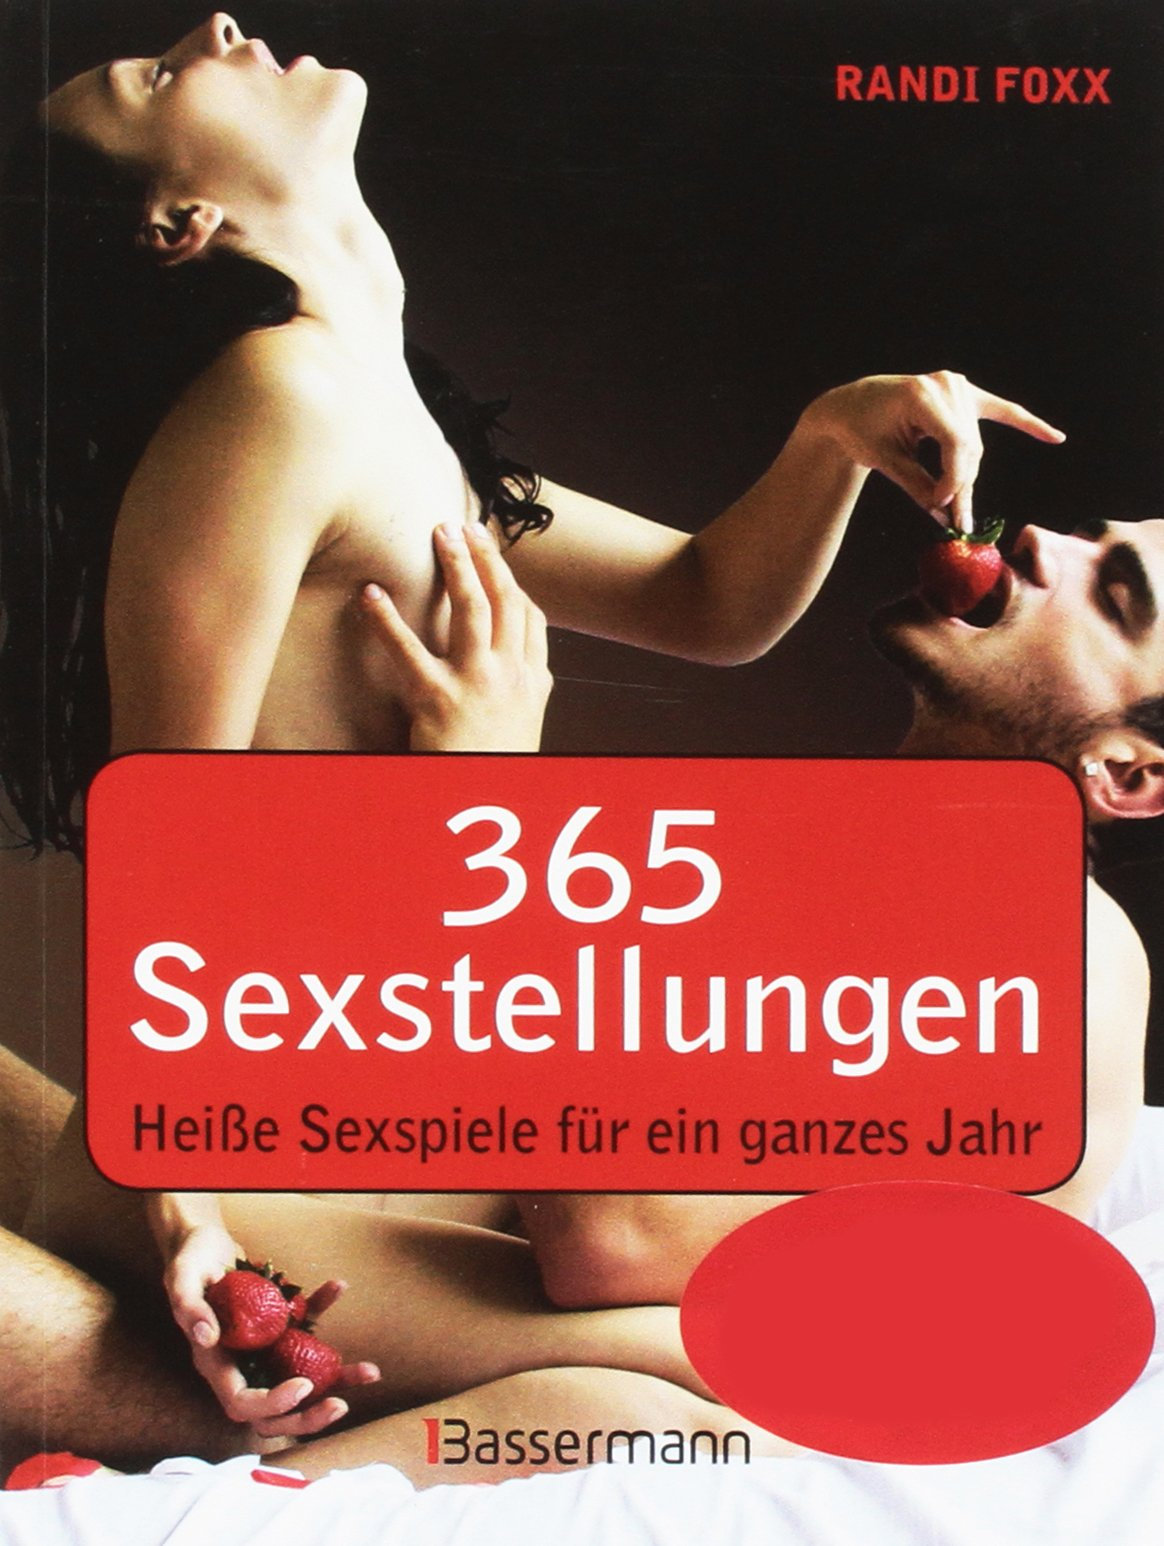 sexstellungen aller art mit bild